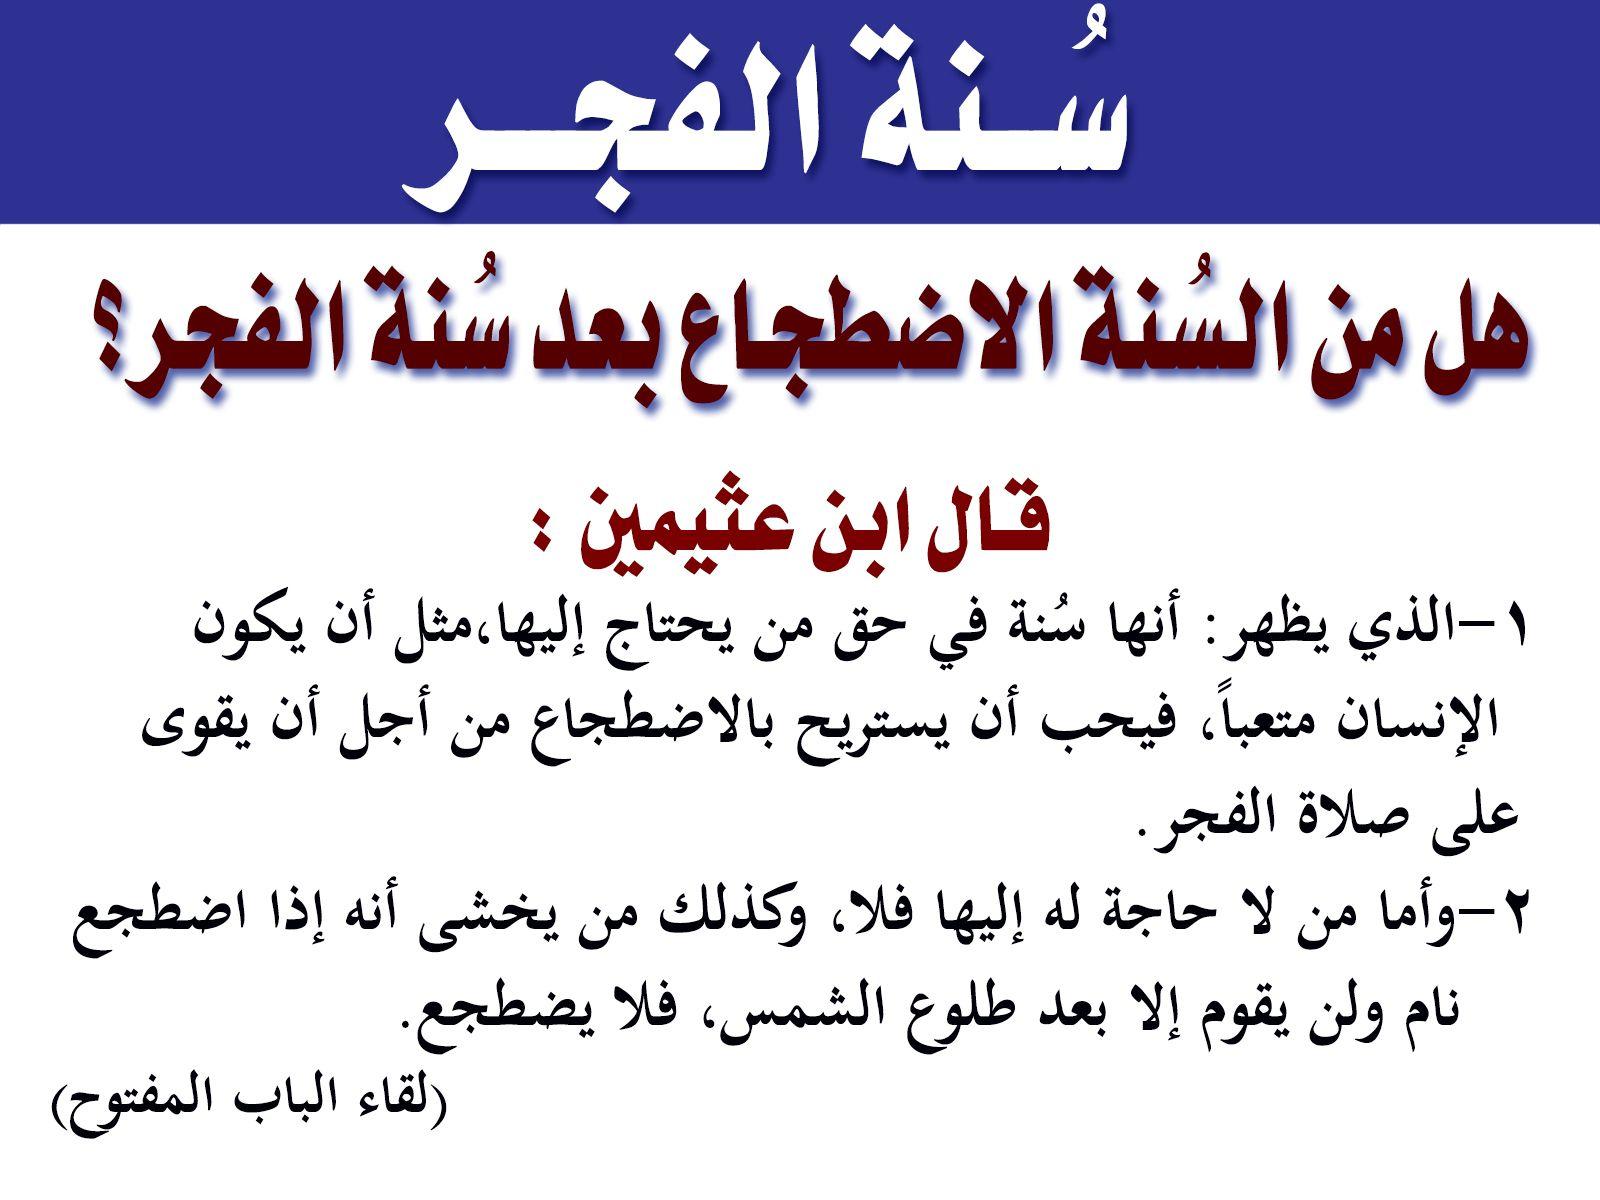 سنة الفجر حكم الاضطجاع بعدها Arabic Quotes Quotes Arabic Calligraphy